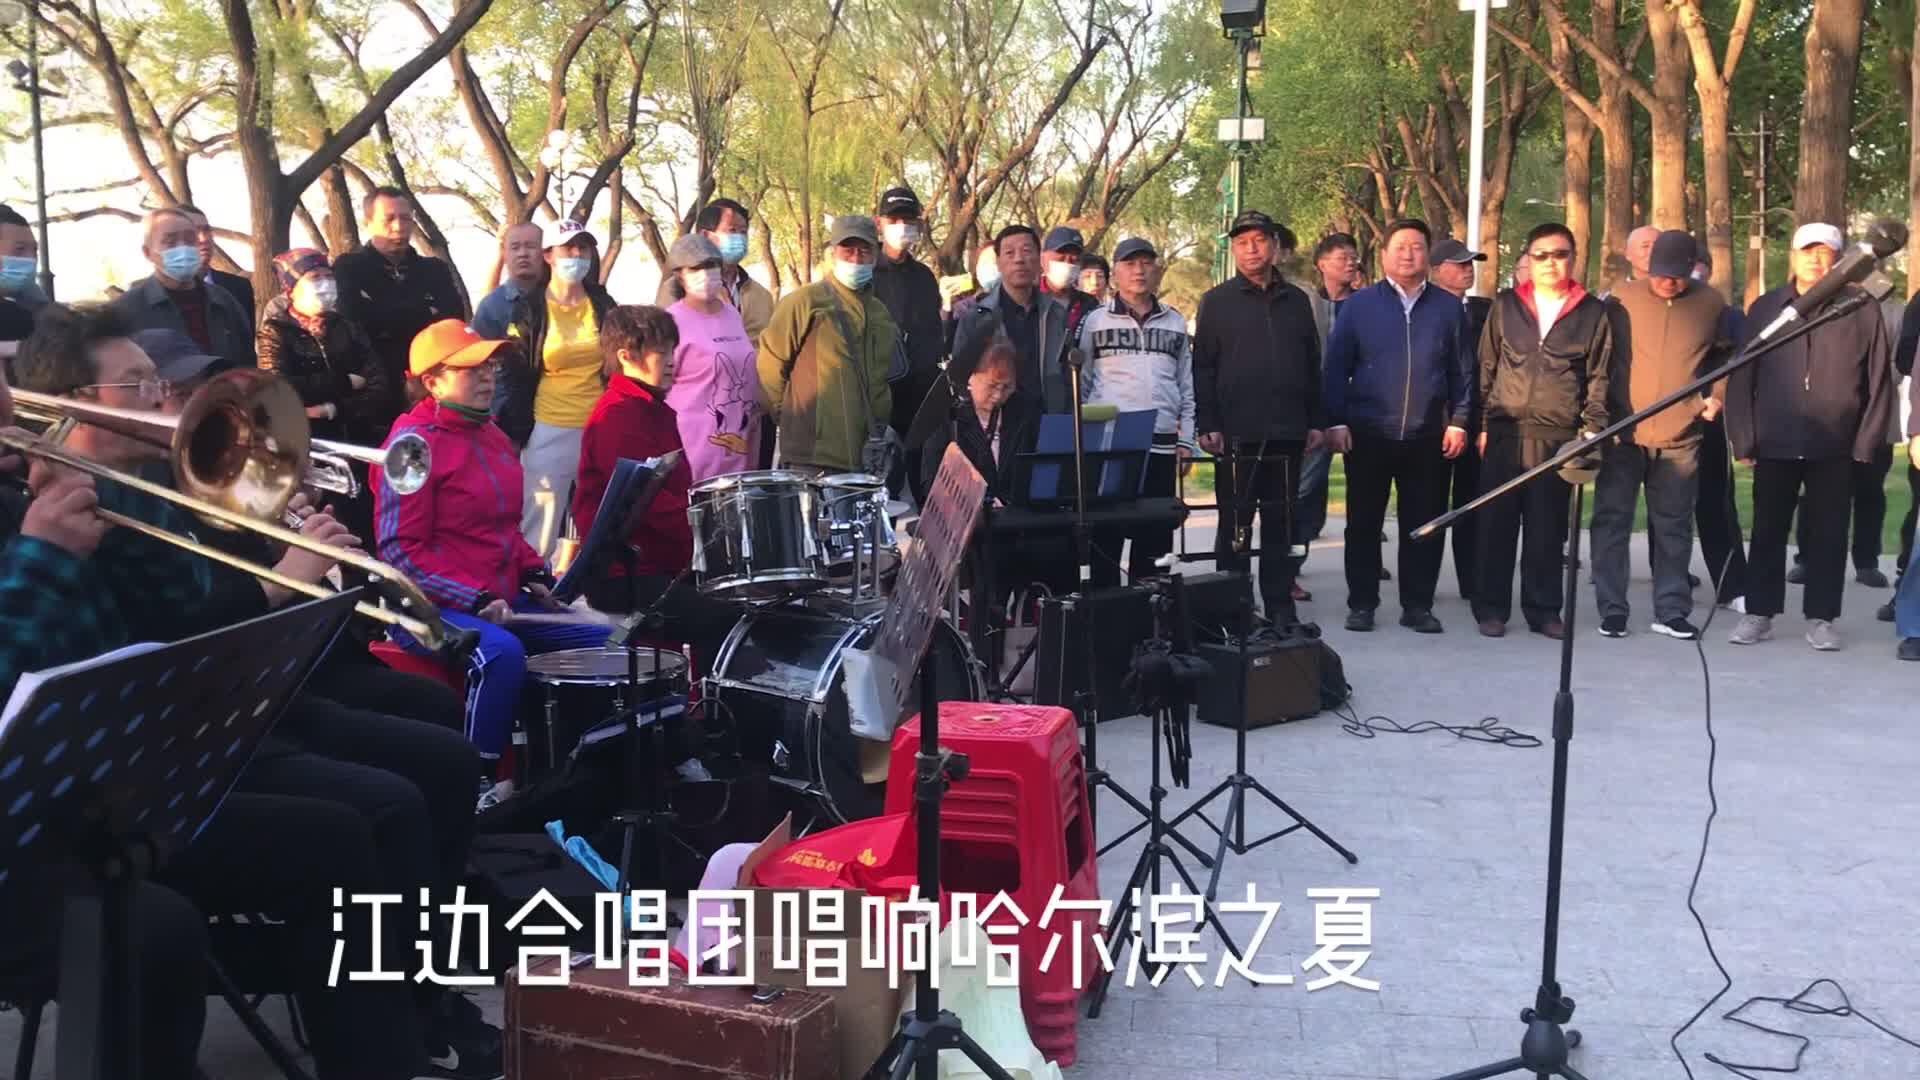 随着室外温度的升高,哈尔滨市处处乐声飘荡,越来越多的业余音乐团体来到室外演出。